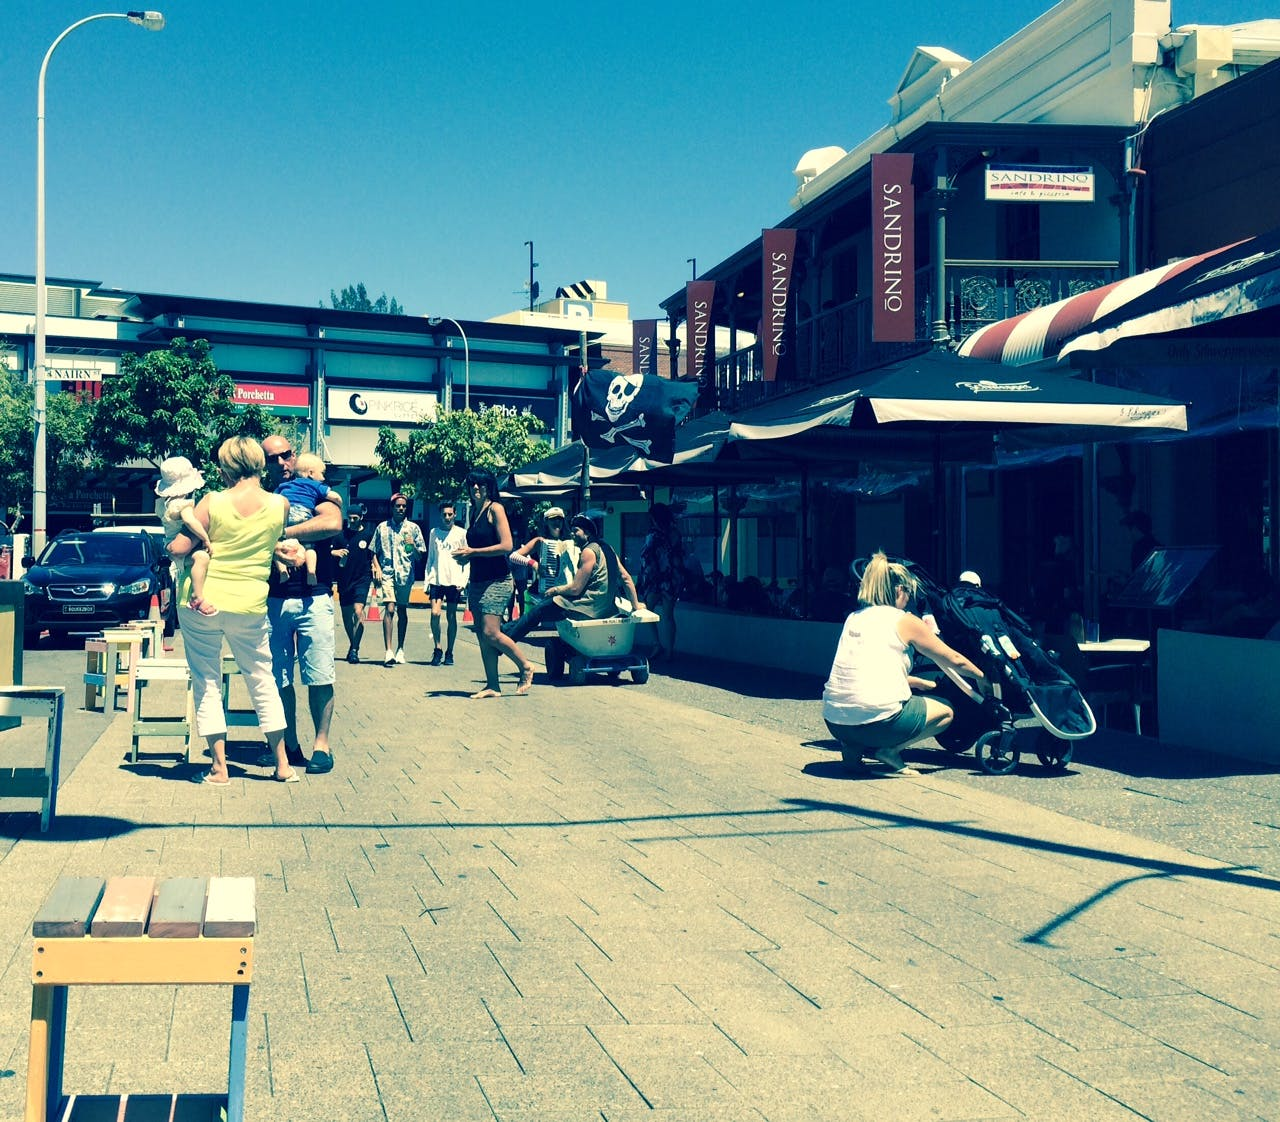 Market Street Piazza daytime